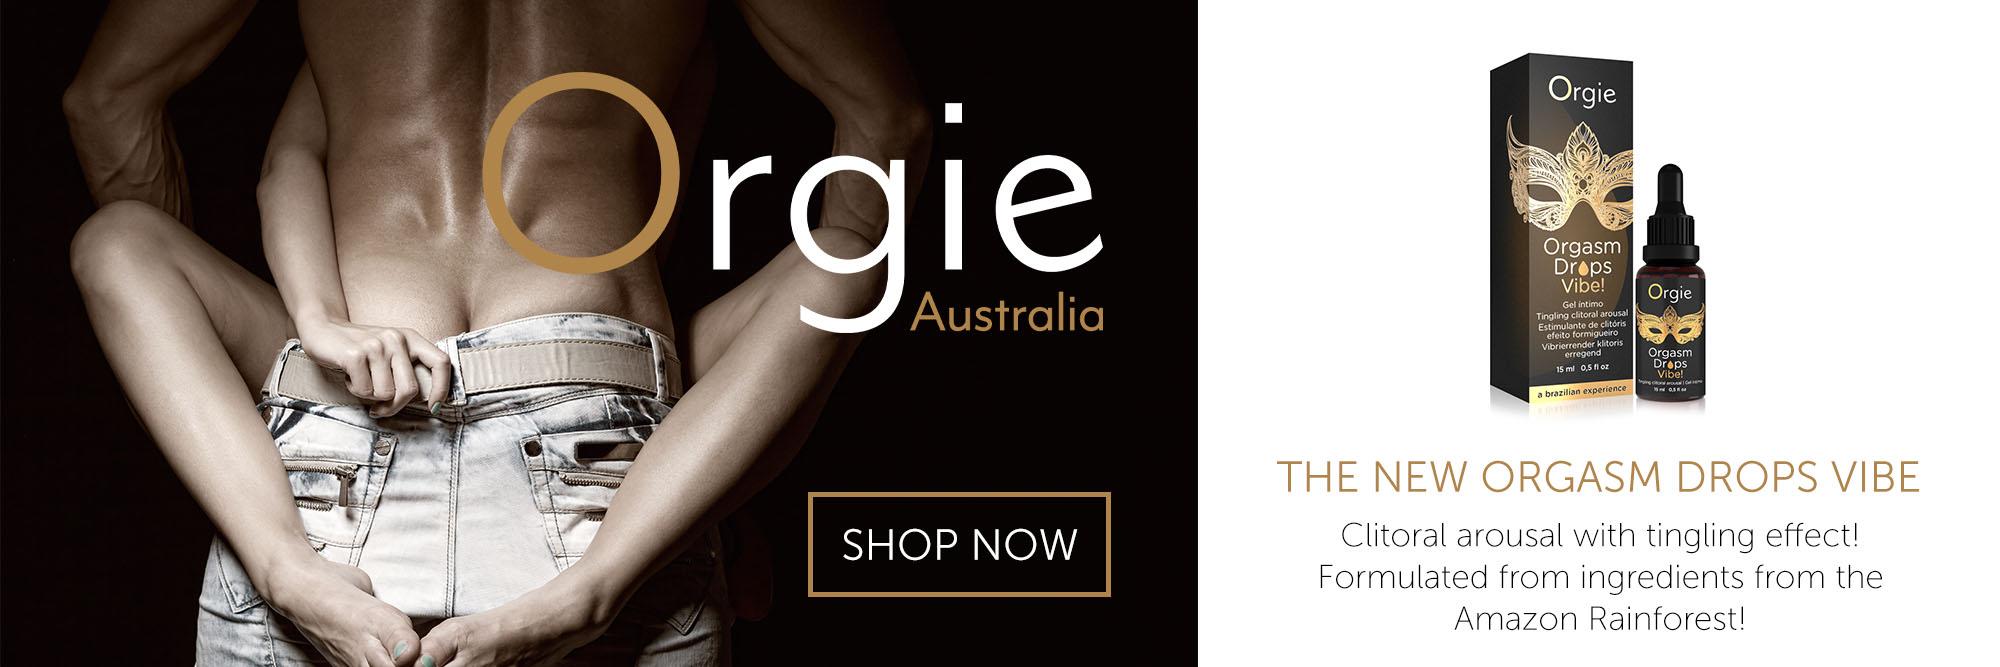 Orgie NEW